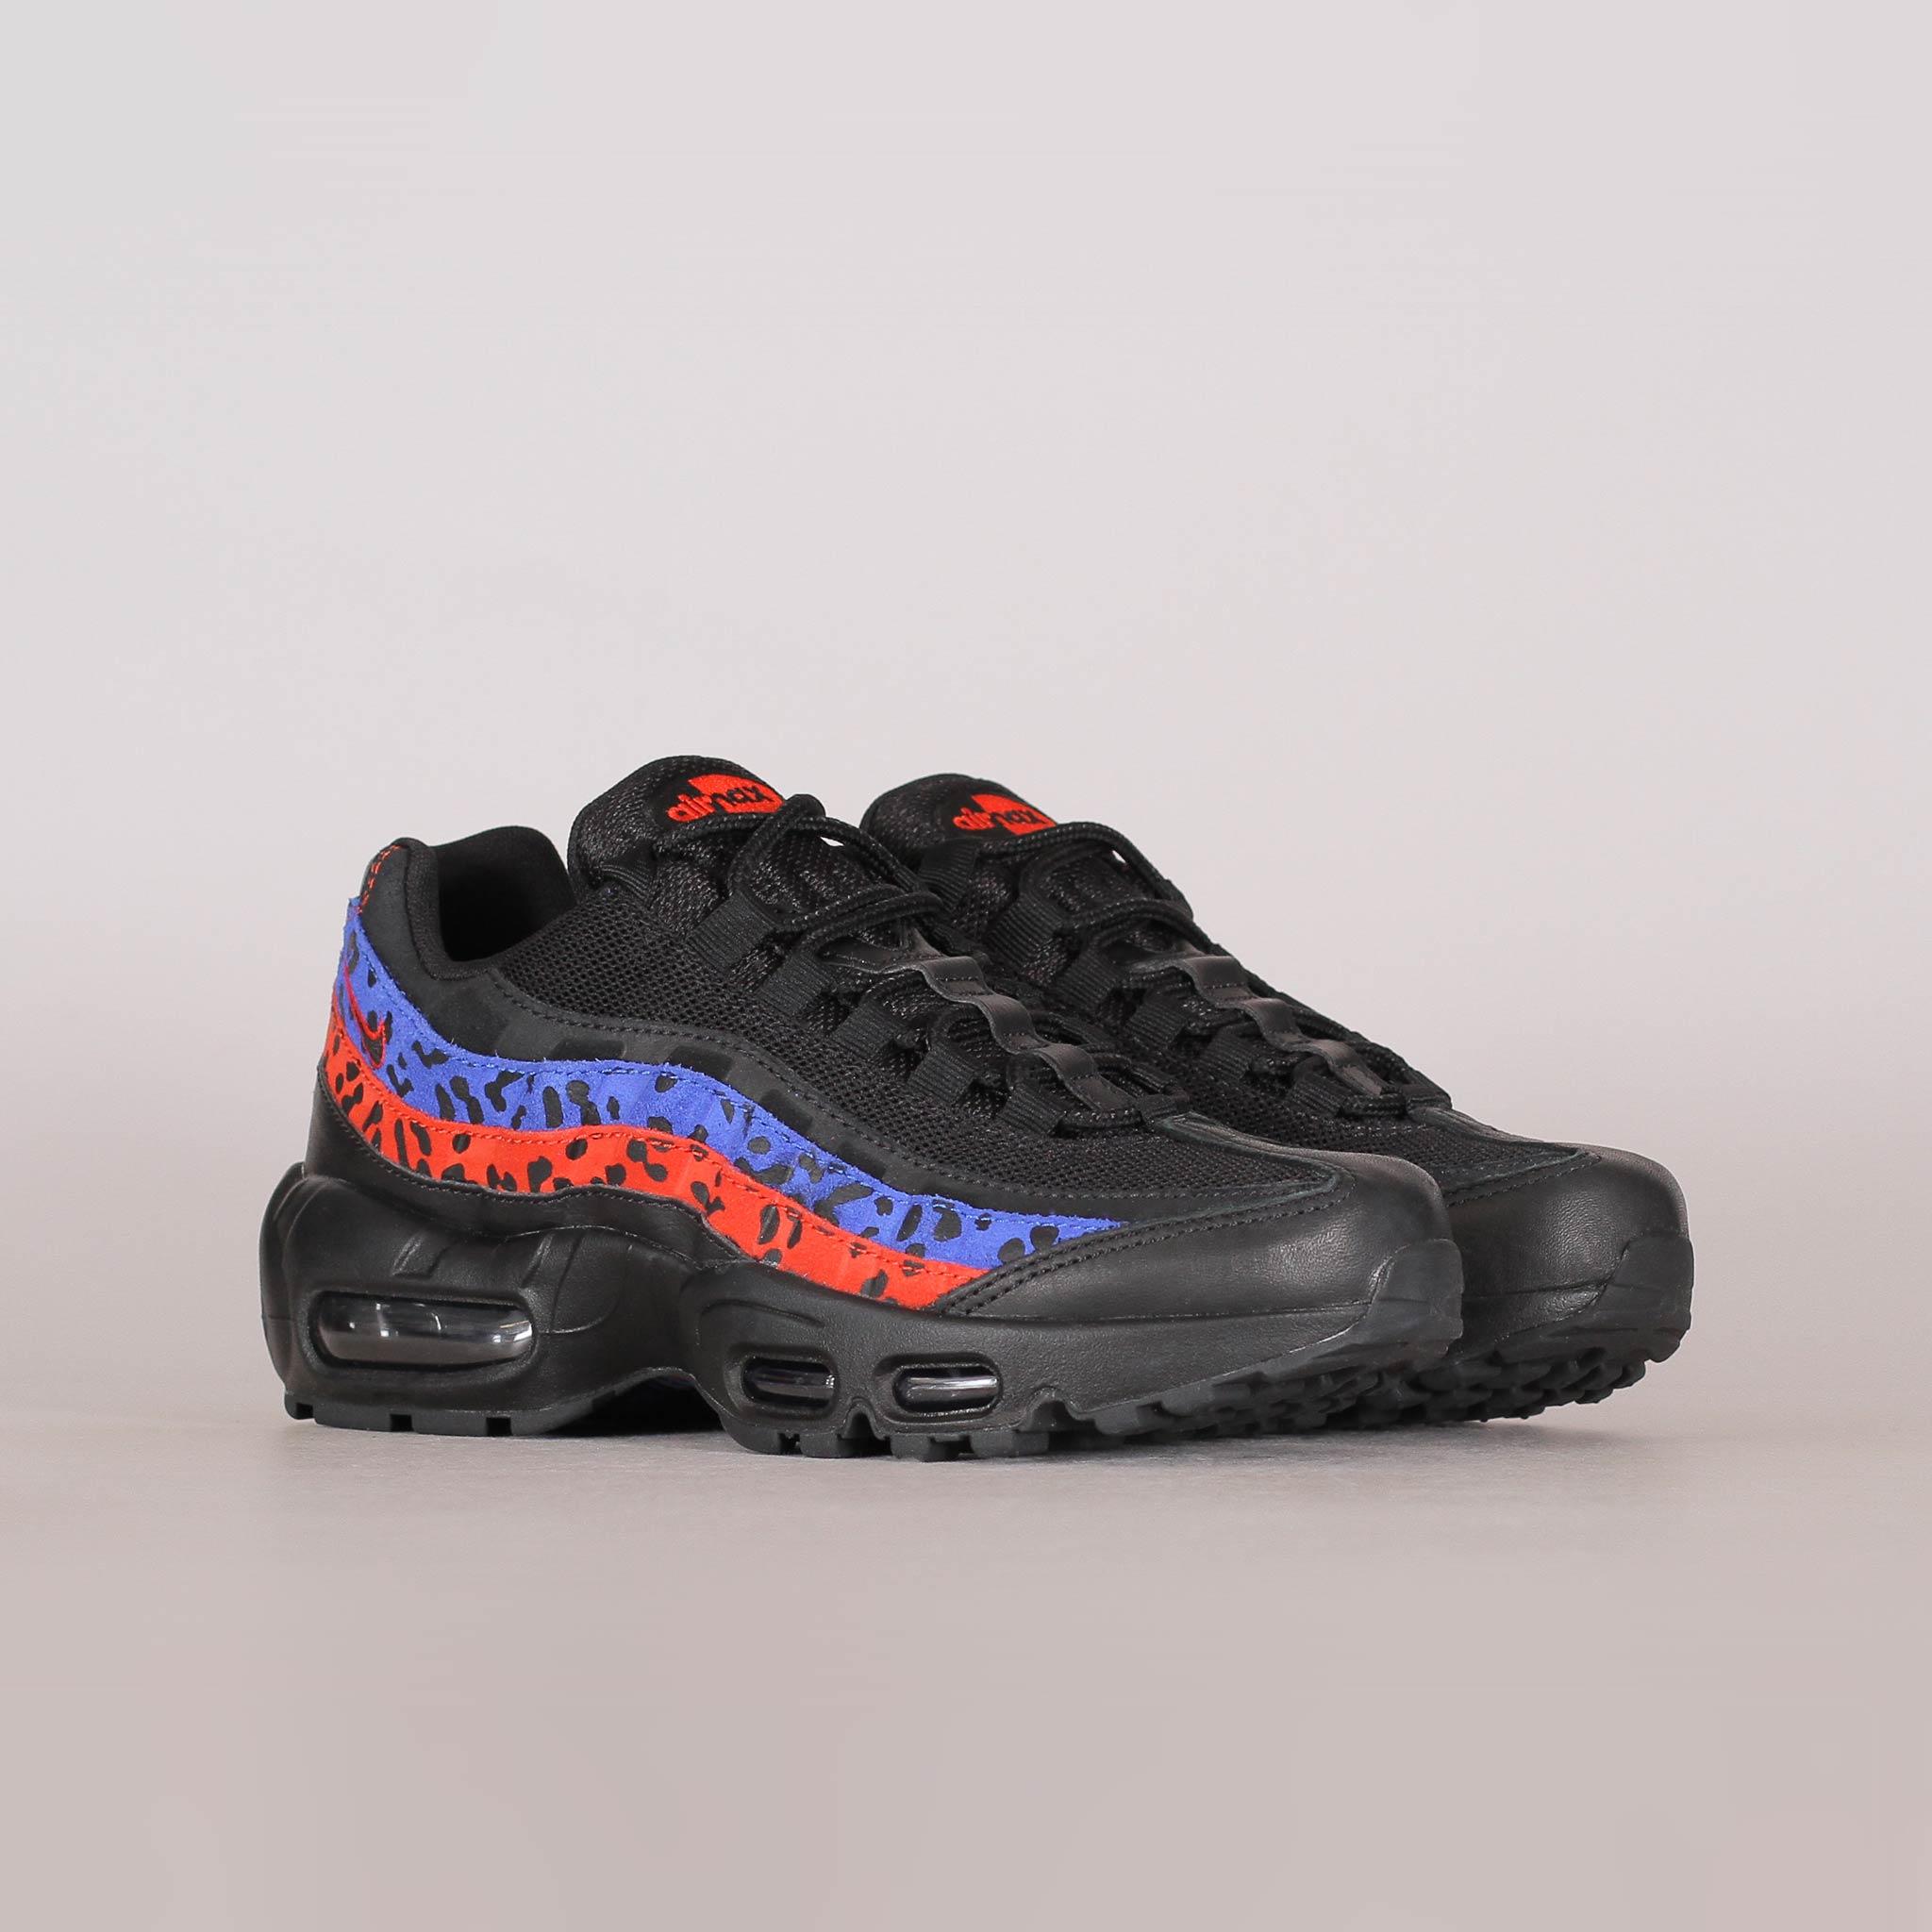 Nike Womens Air Max 95 Premium Black Leopard (CD0180 001)